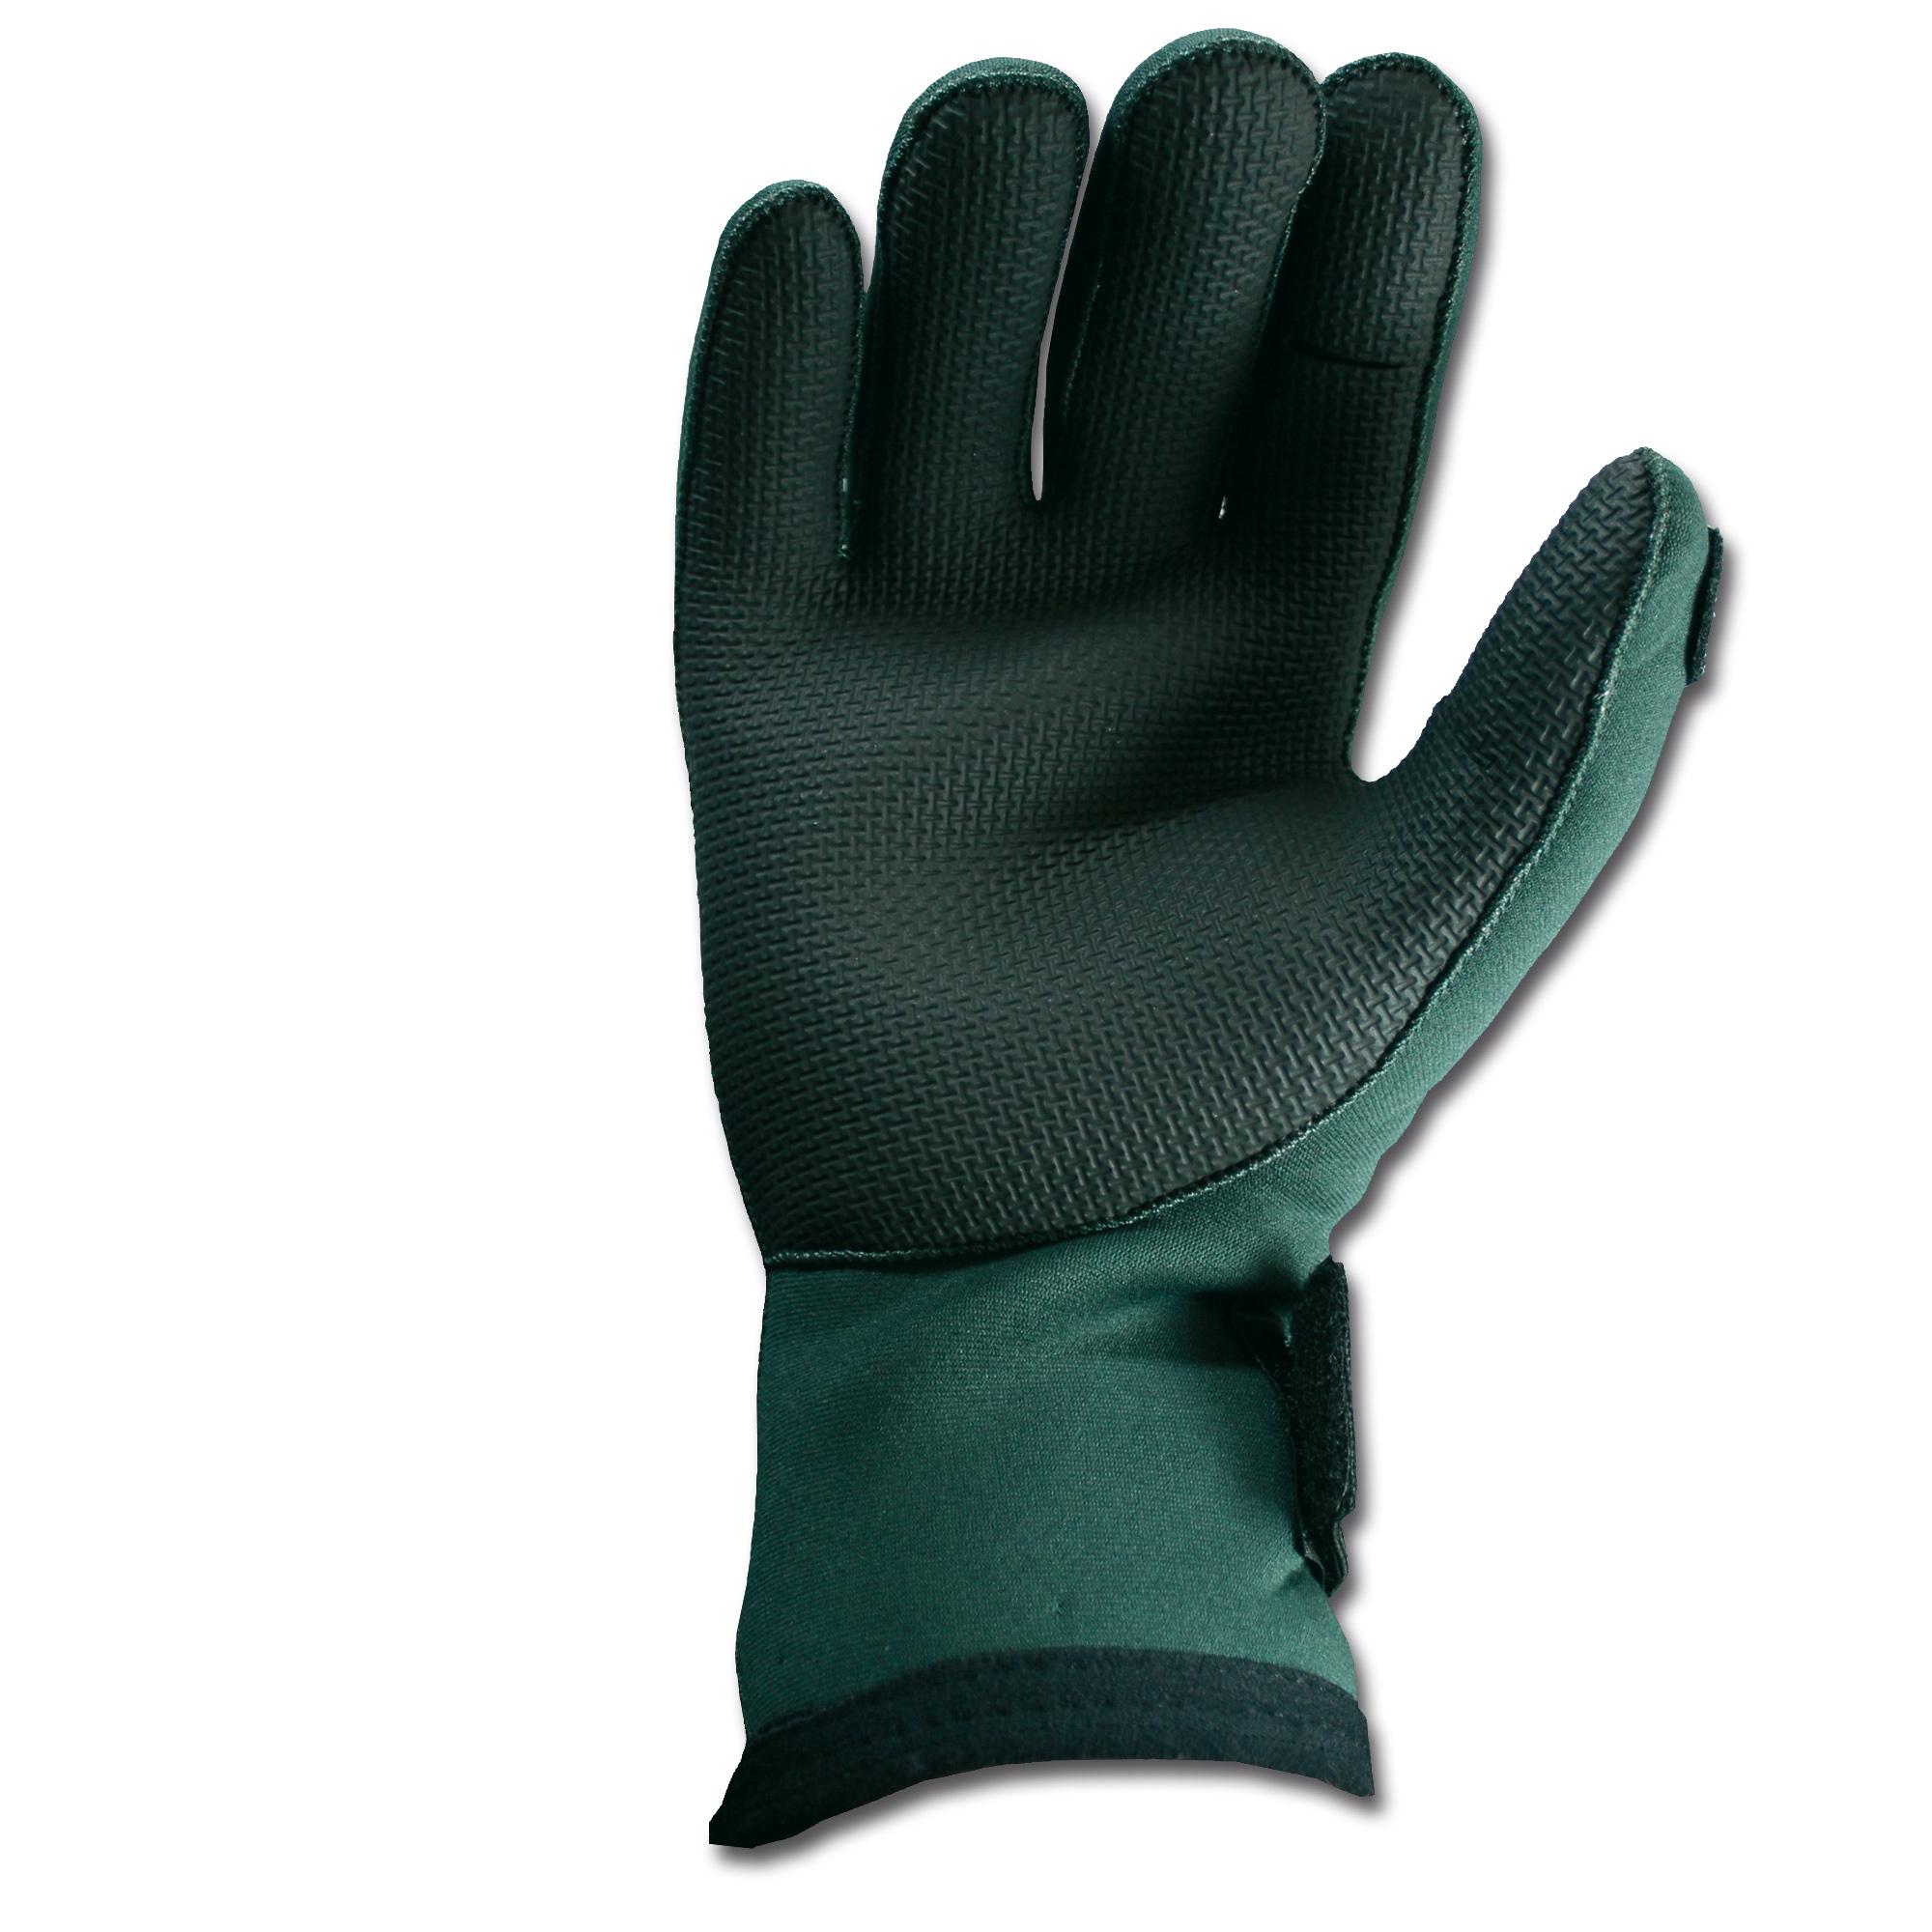 Neopren Shooting Gloves